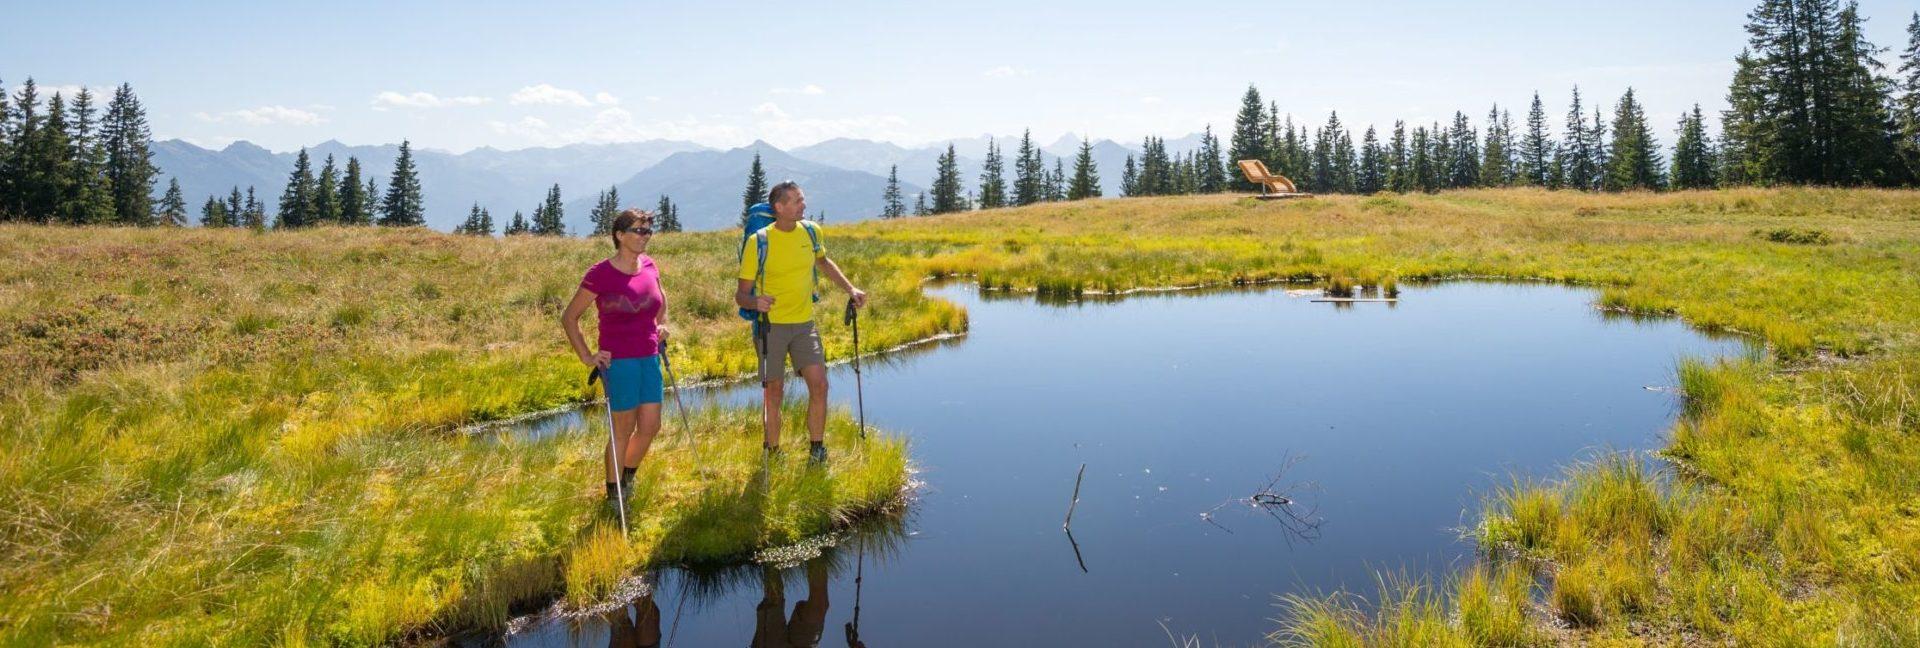 Wandern durch's Hochmoor am Rossbrand und dabei das herrliche Bergpanorama genießen